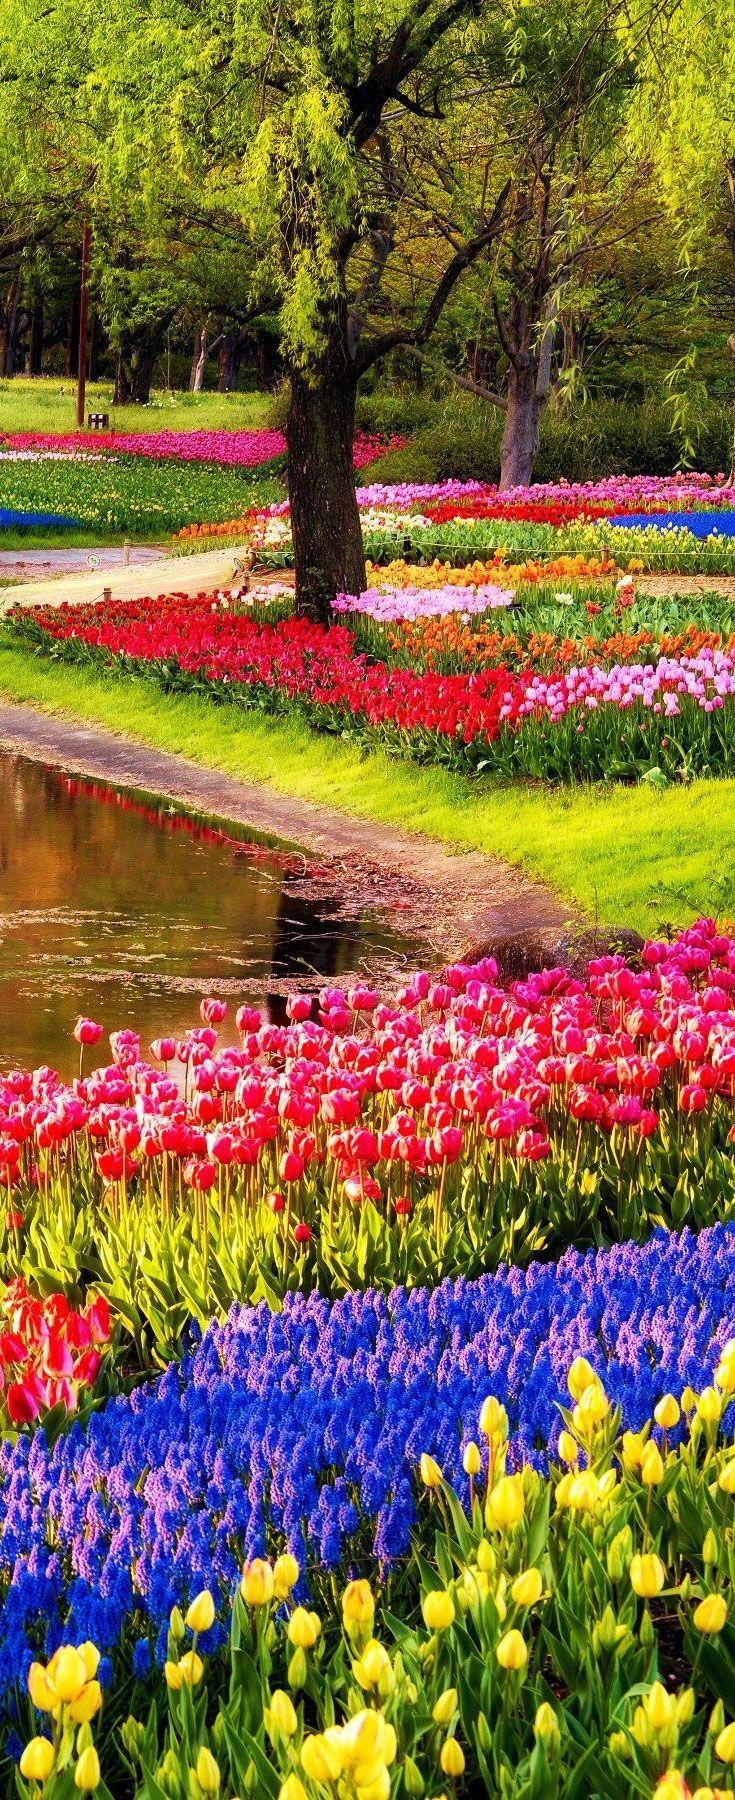 keukenhof gardens - amsterdam | netherlands #ad | nature | tulips